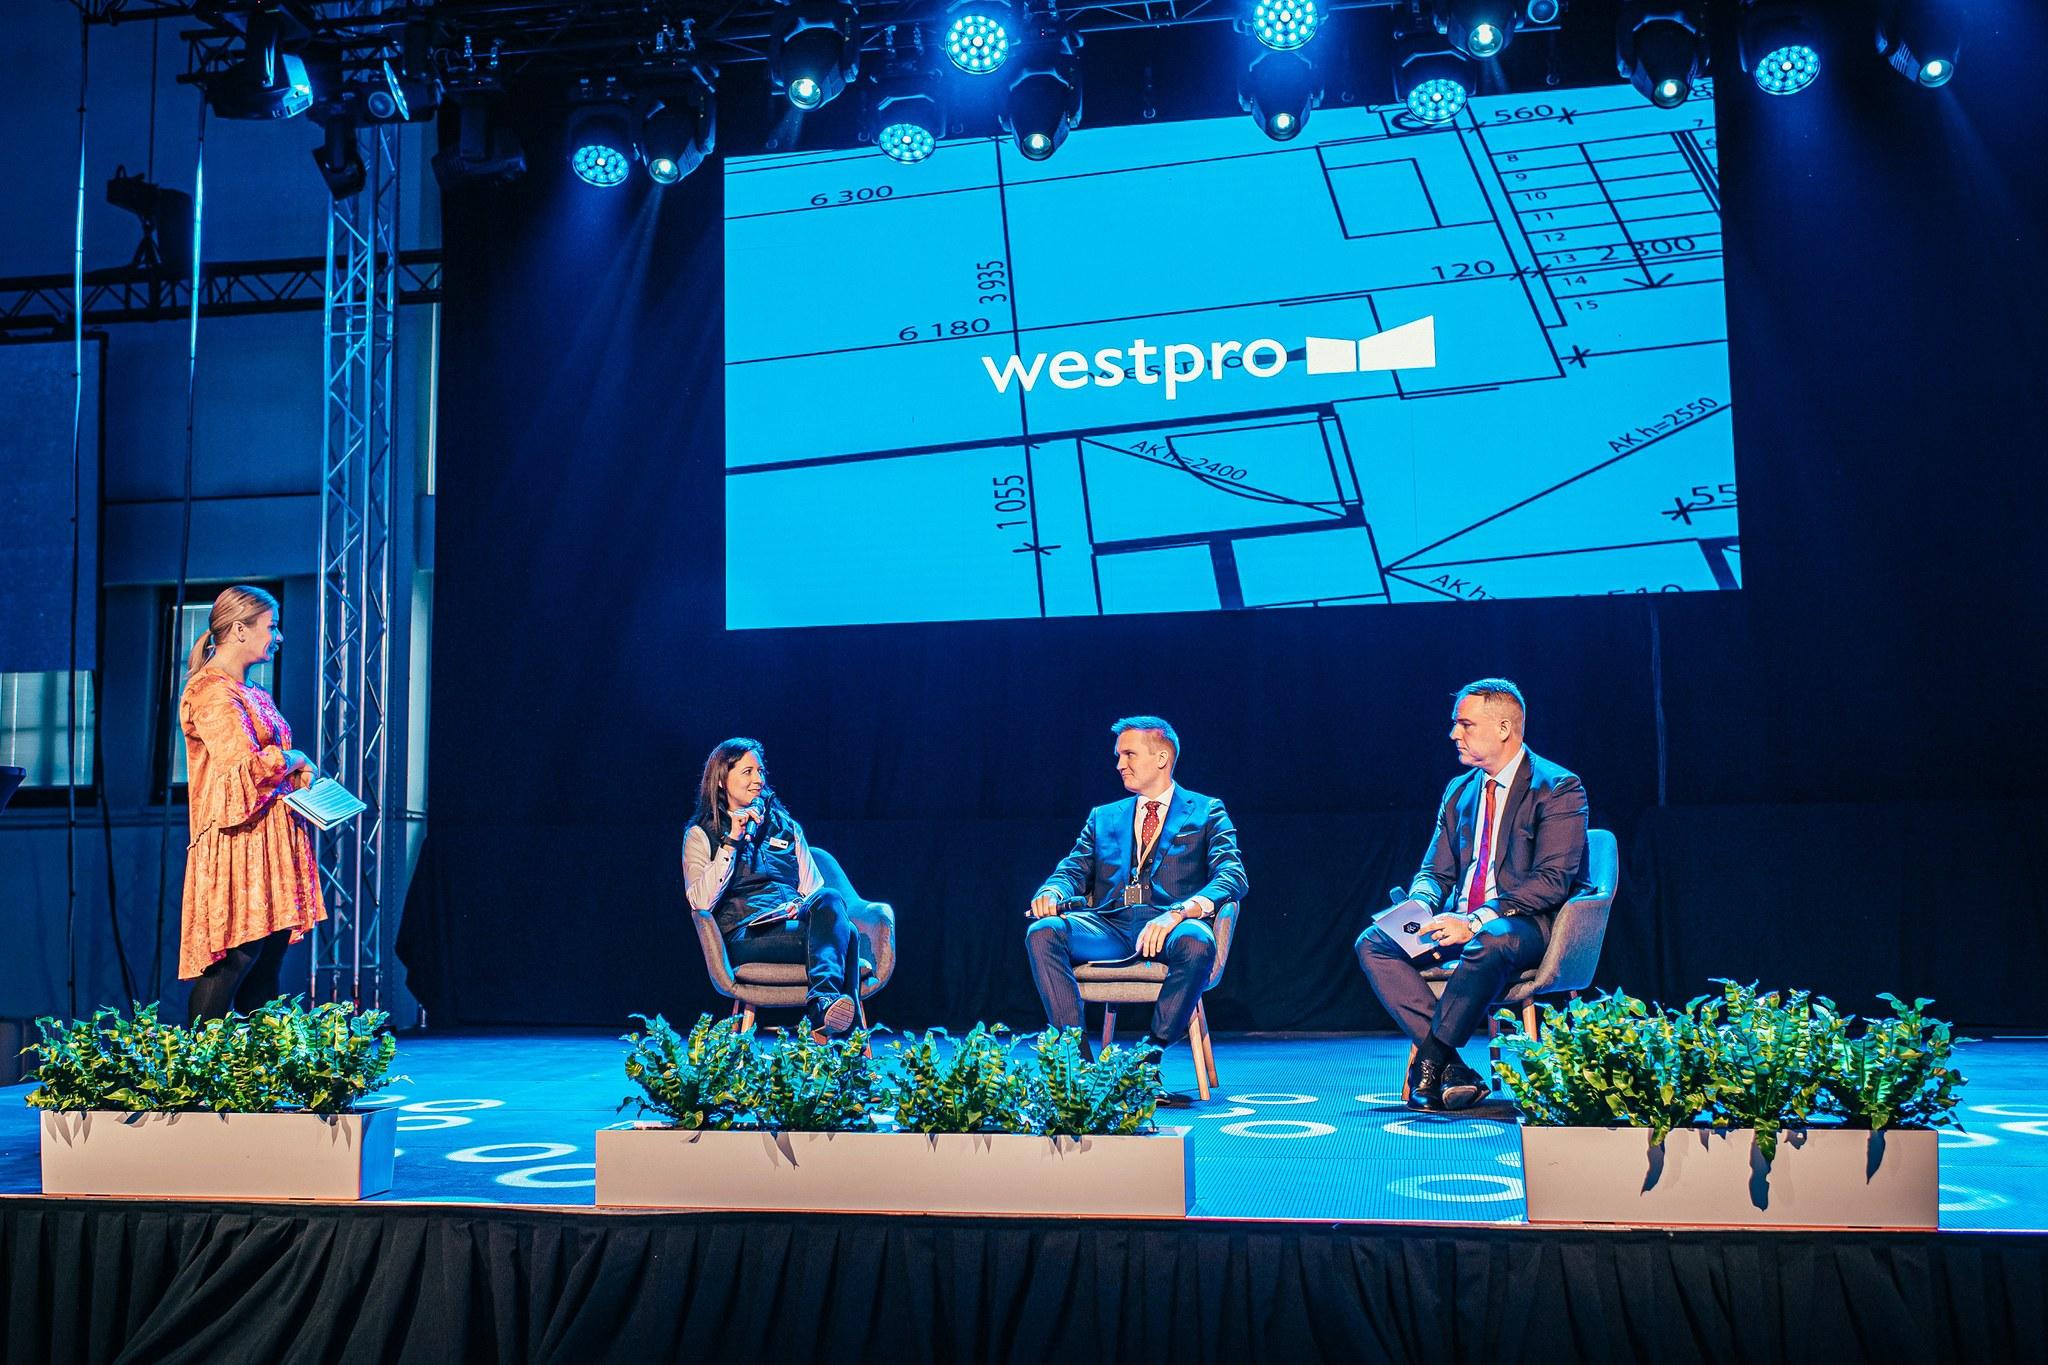 Westpro Moment, uusi vai vanha asunto?